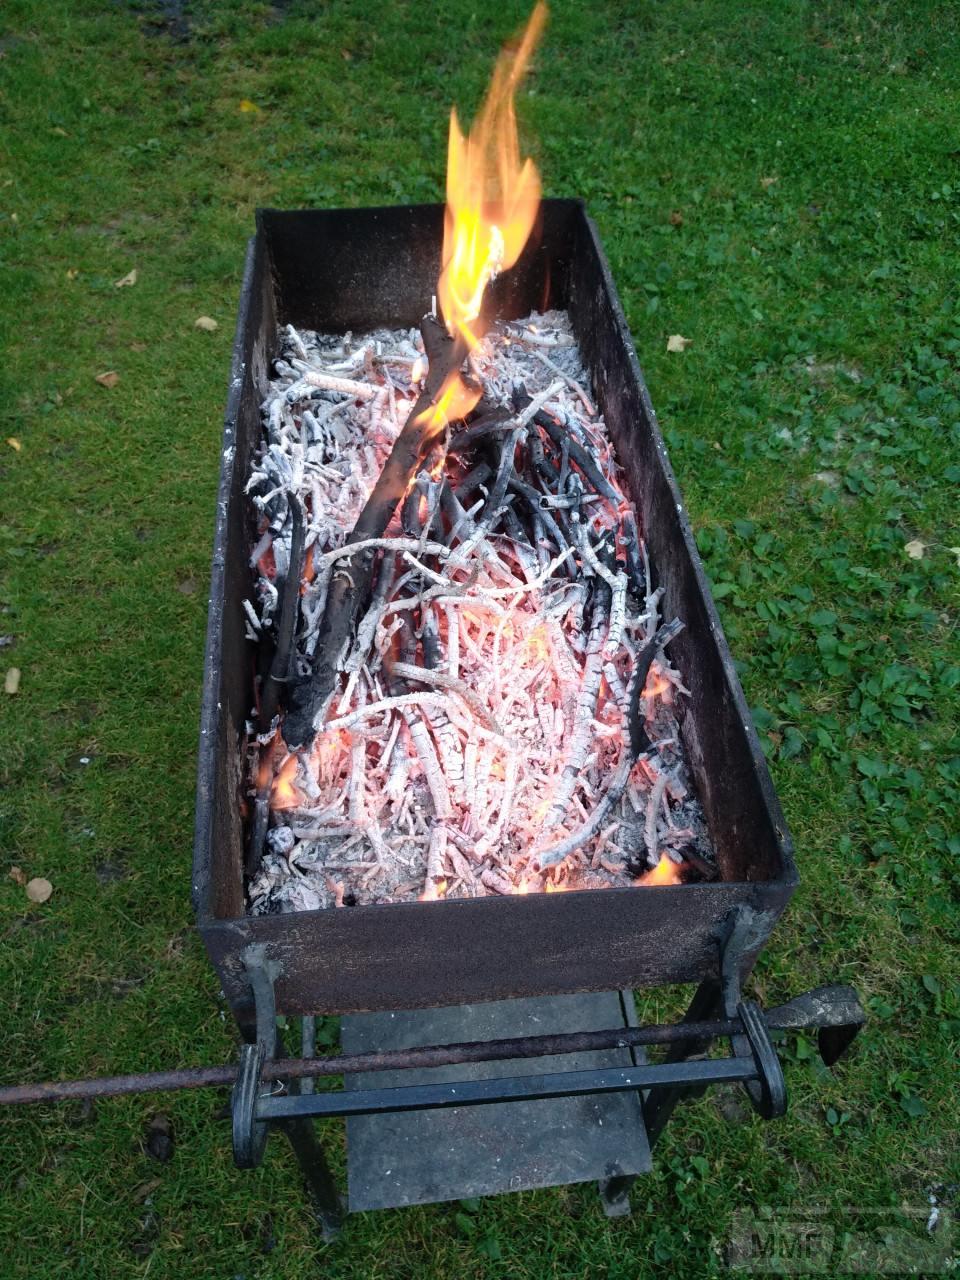 109117 - Закуски на огне (мангал, барбекю и т.д.) и кулинария вообще. Советы и рецепты.